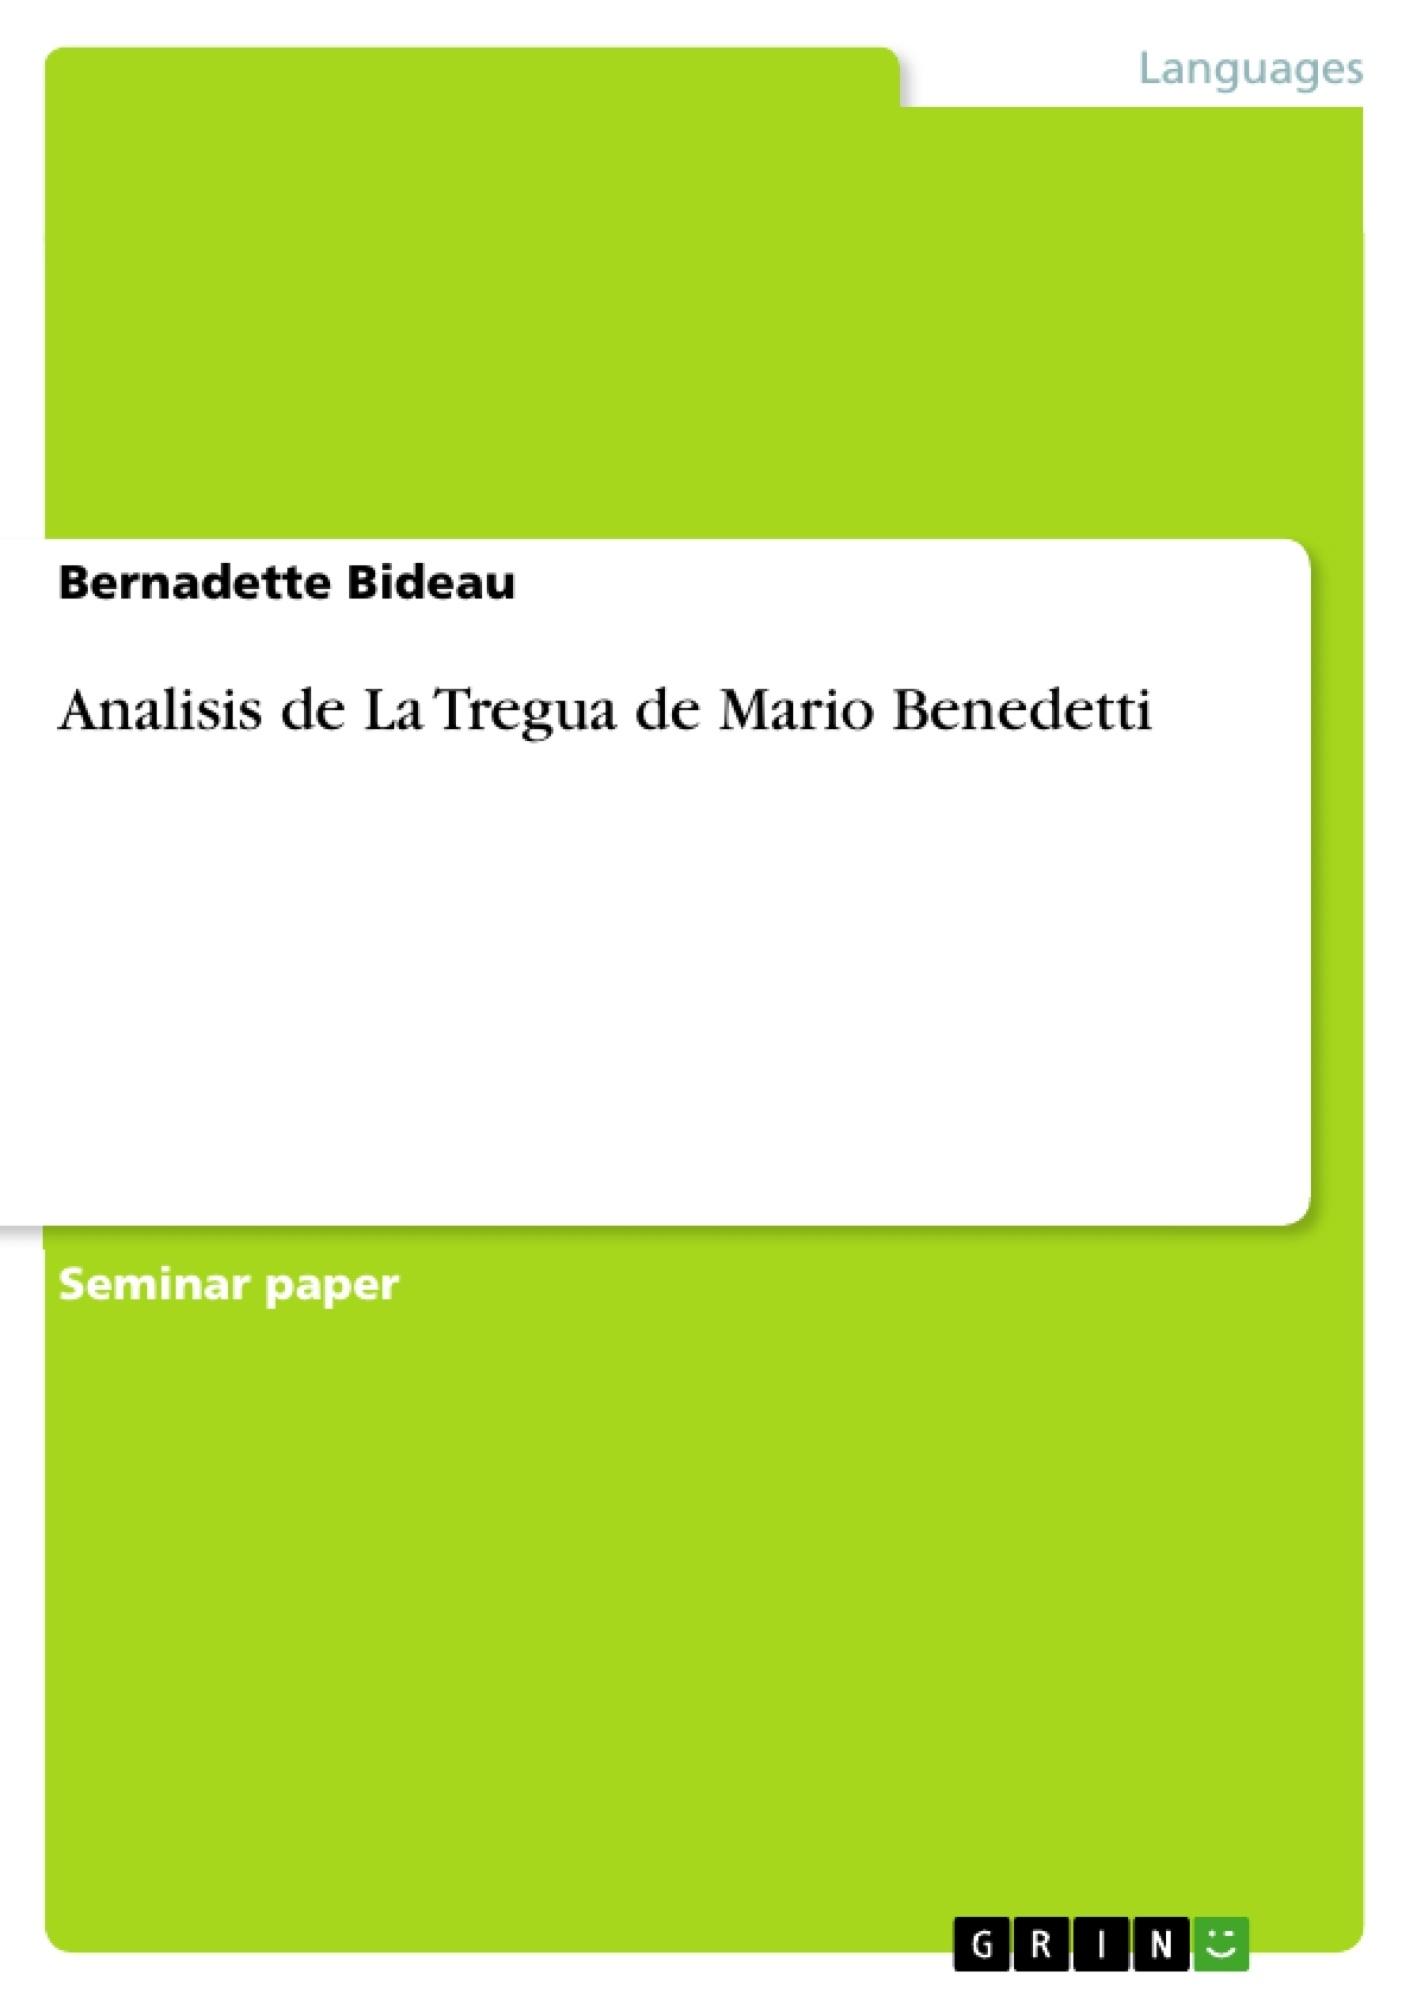 Analisis de La Tregua de Mario Benedetti | Publique su tesina ...